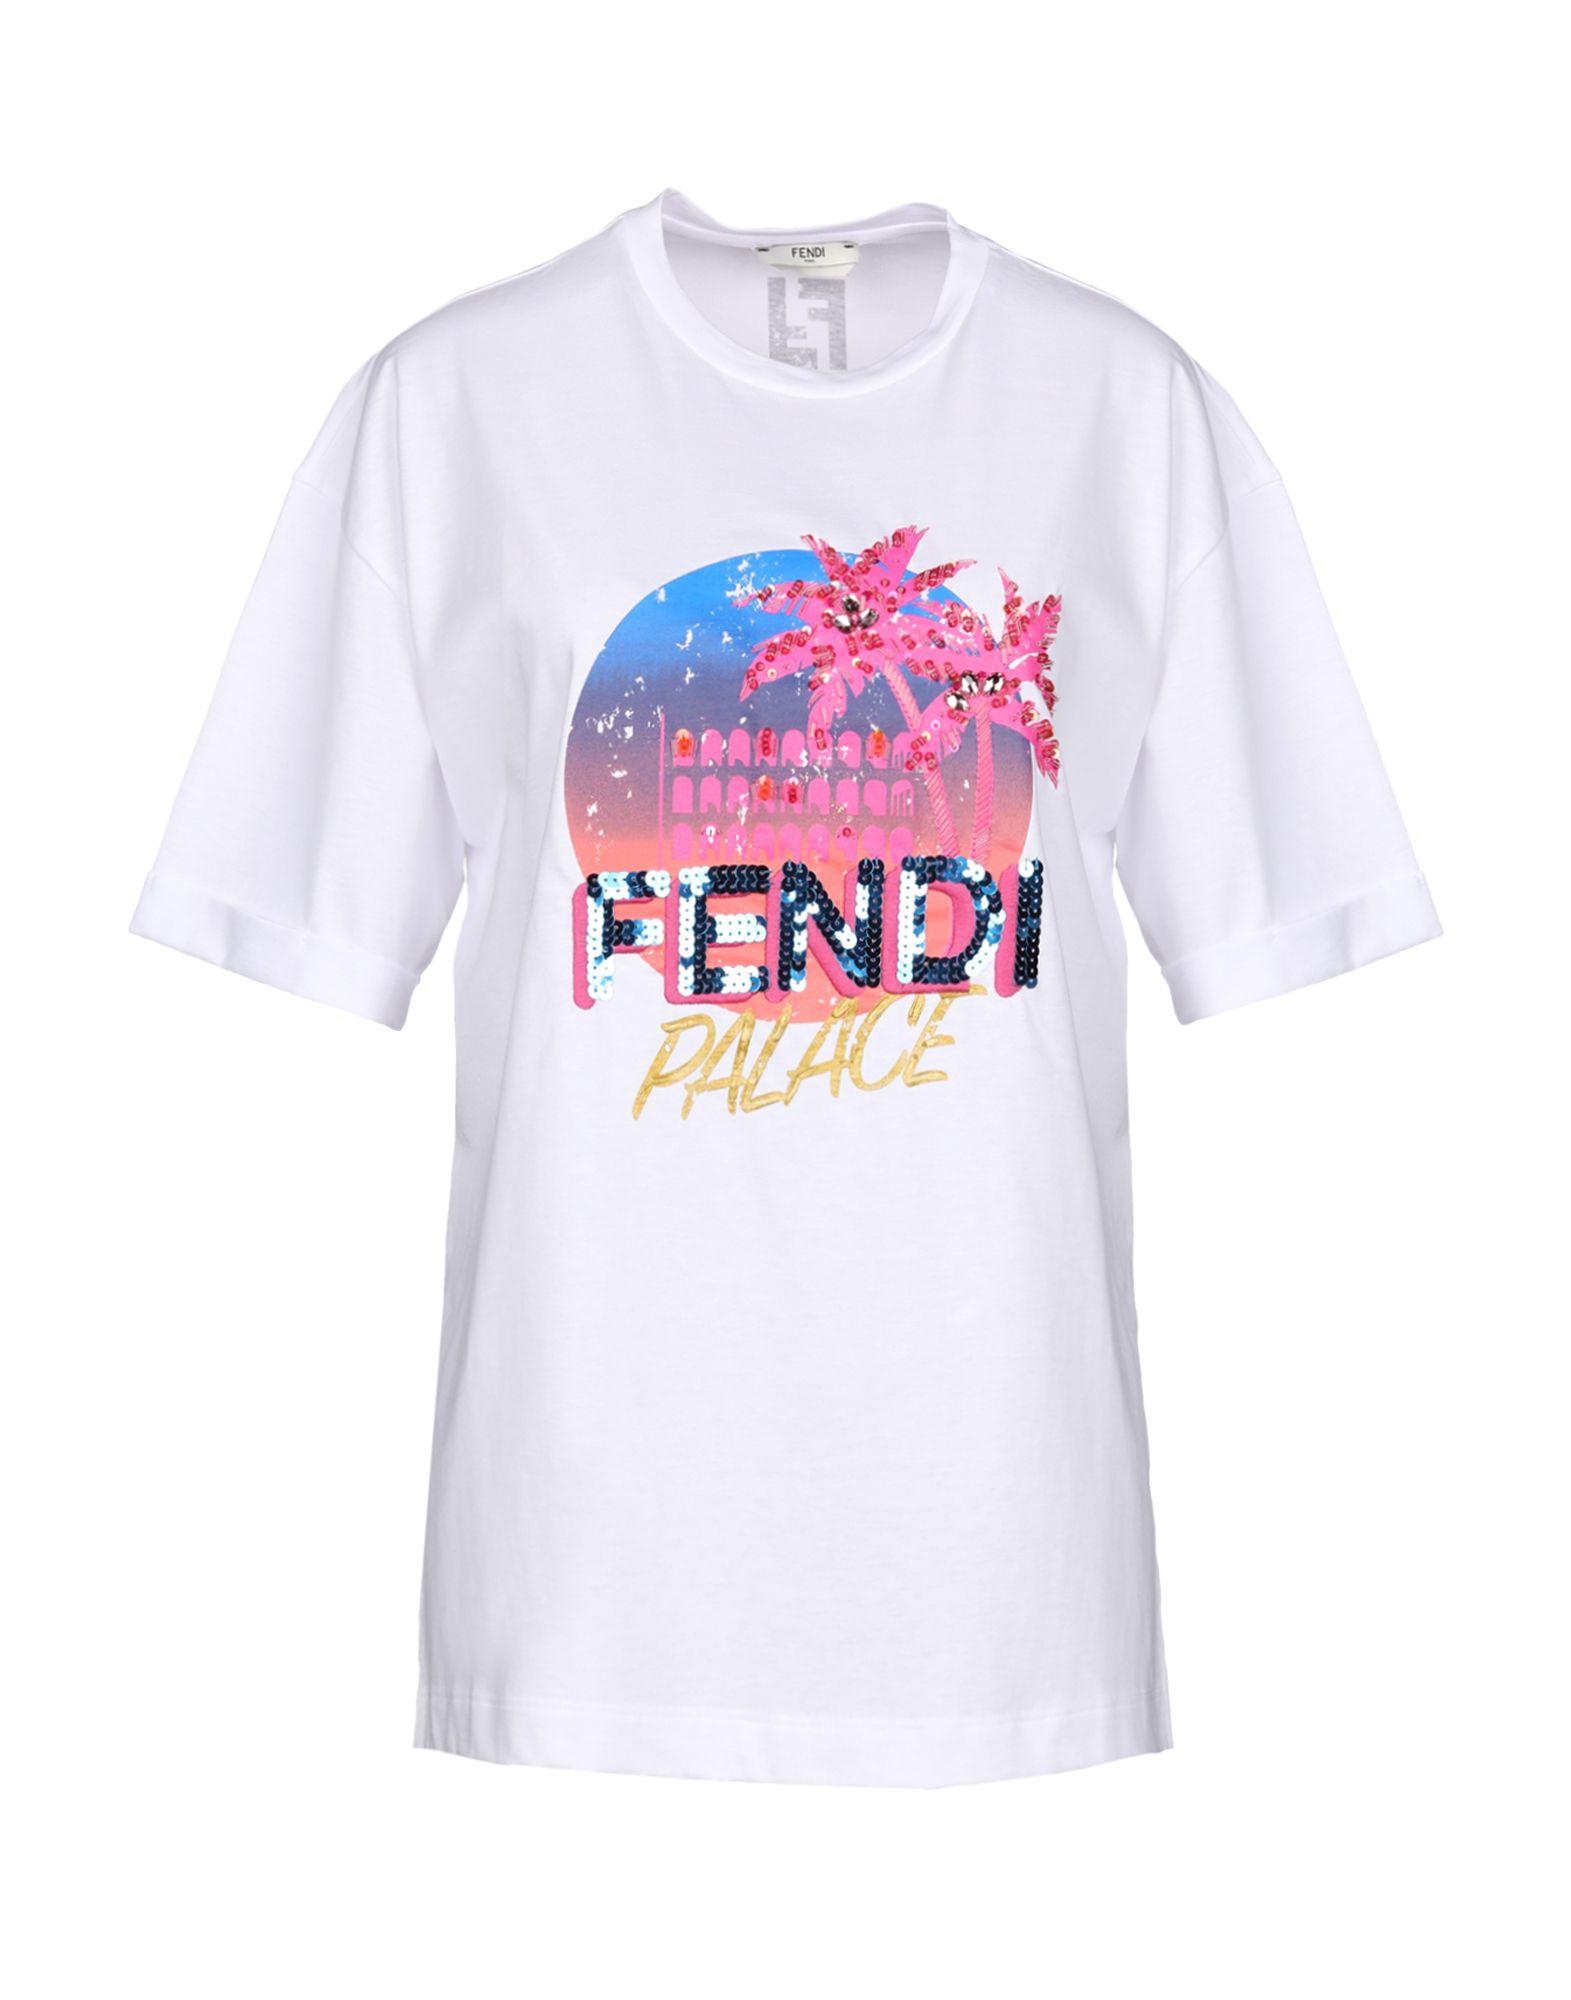 T-Shirt Fendi donna donna - 12233692ET